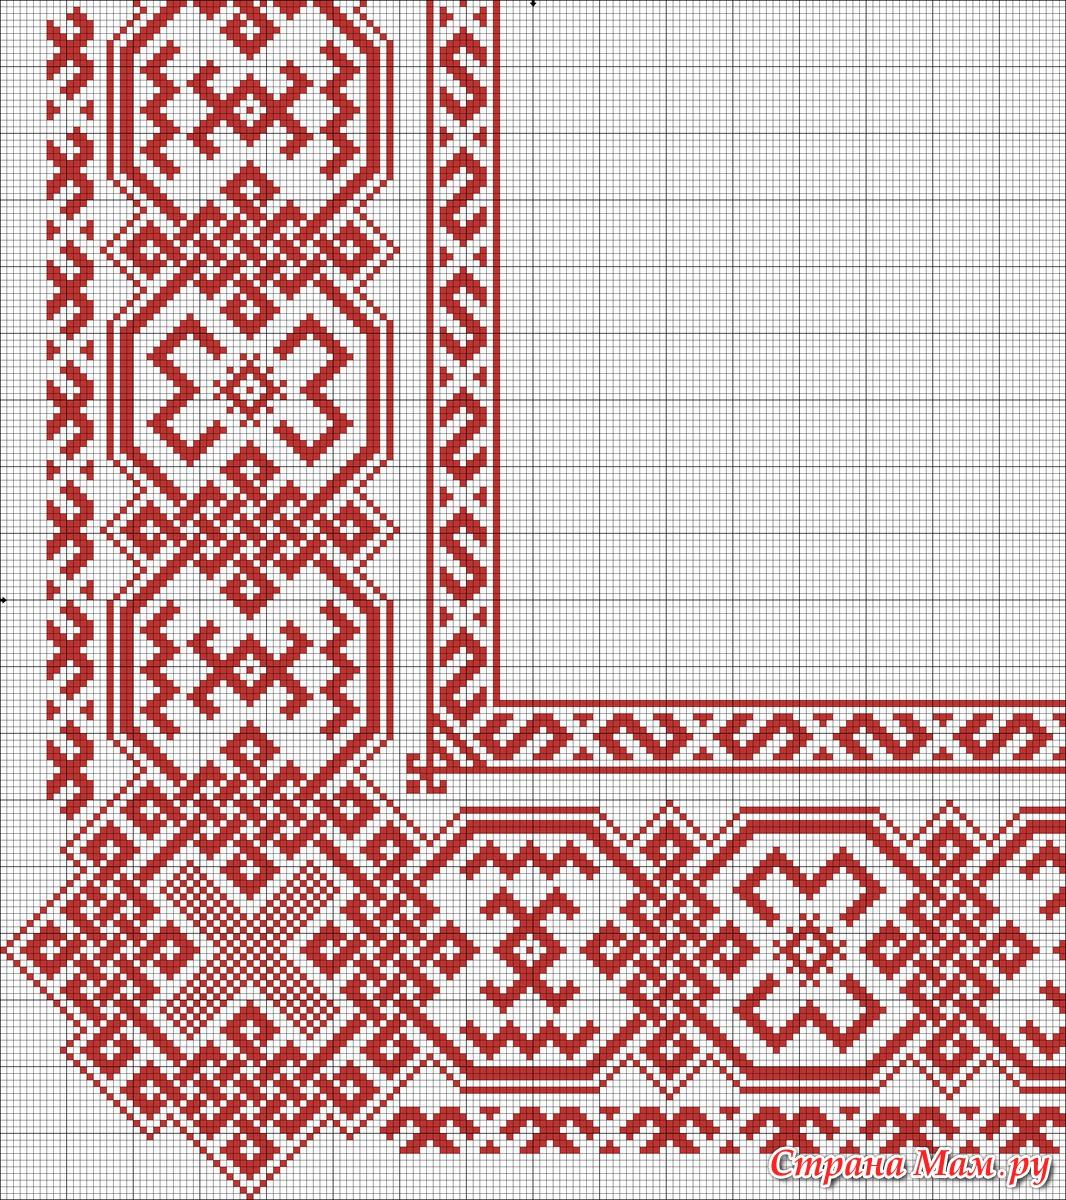 Вышивка крестом русская на рубахах